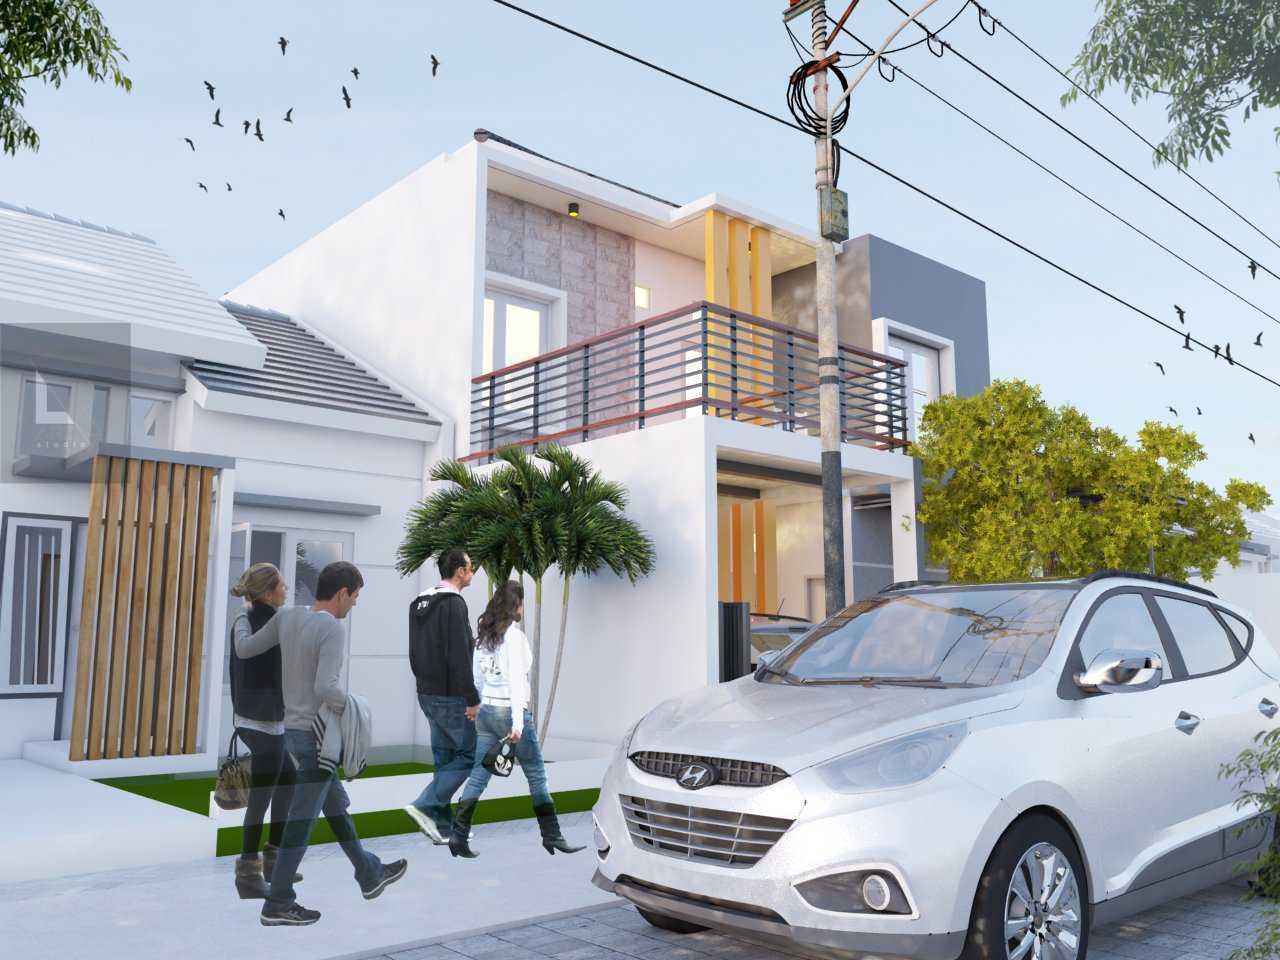 Arz Studio Desain Rumah Renovasi Di Malang Landungsari, Dau, Malang, Jawa Timur, Indonesia Landungsari, Dau, Malang, Jawa Timur, Indonesia Side View Minimalis 42708